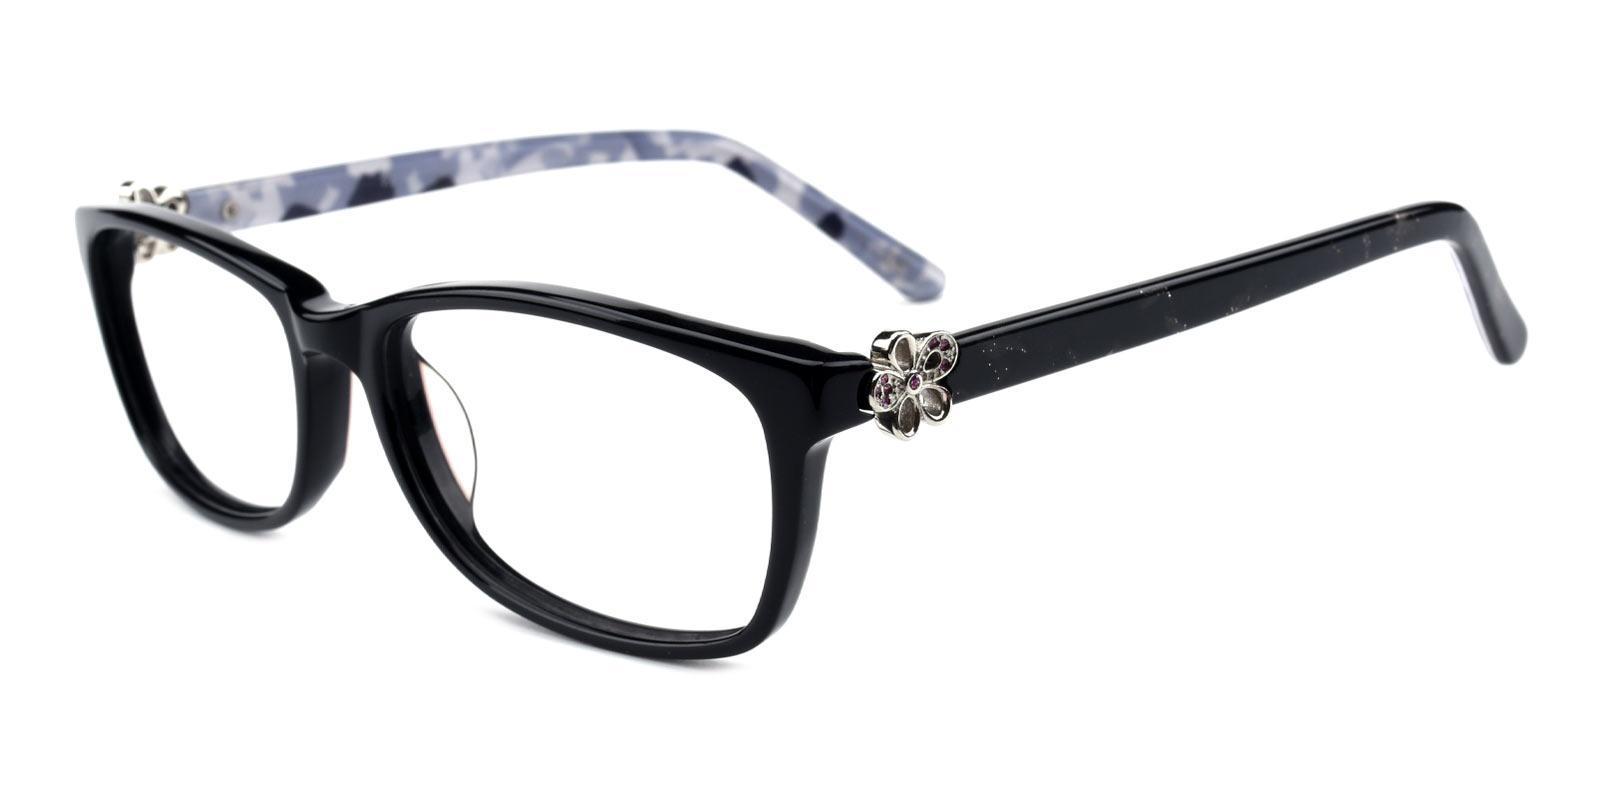 Rosemary-Black-Rectangle-TR-Eyeglasses-detail